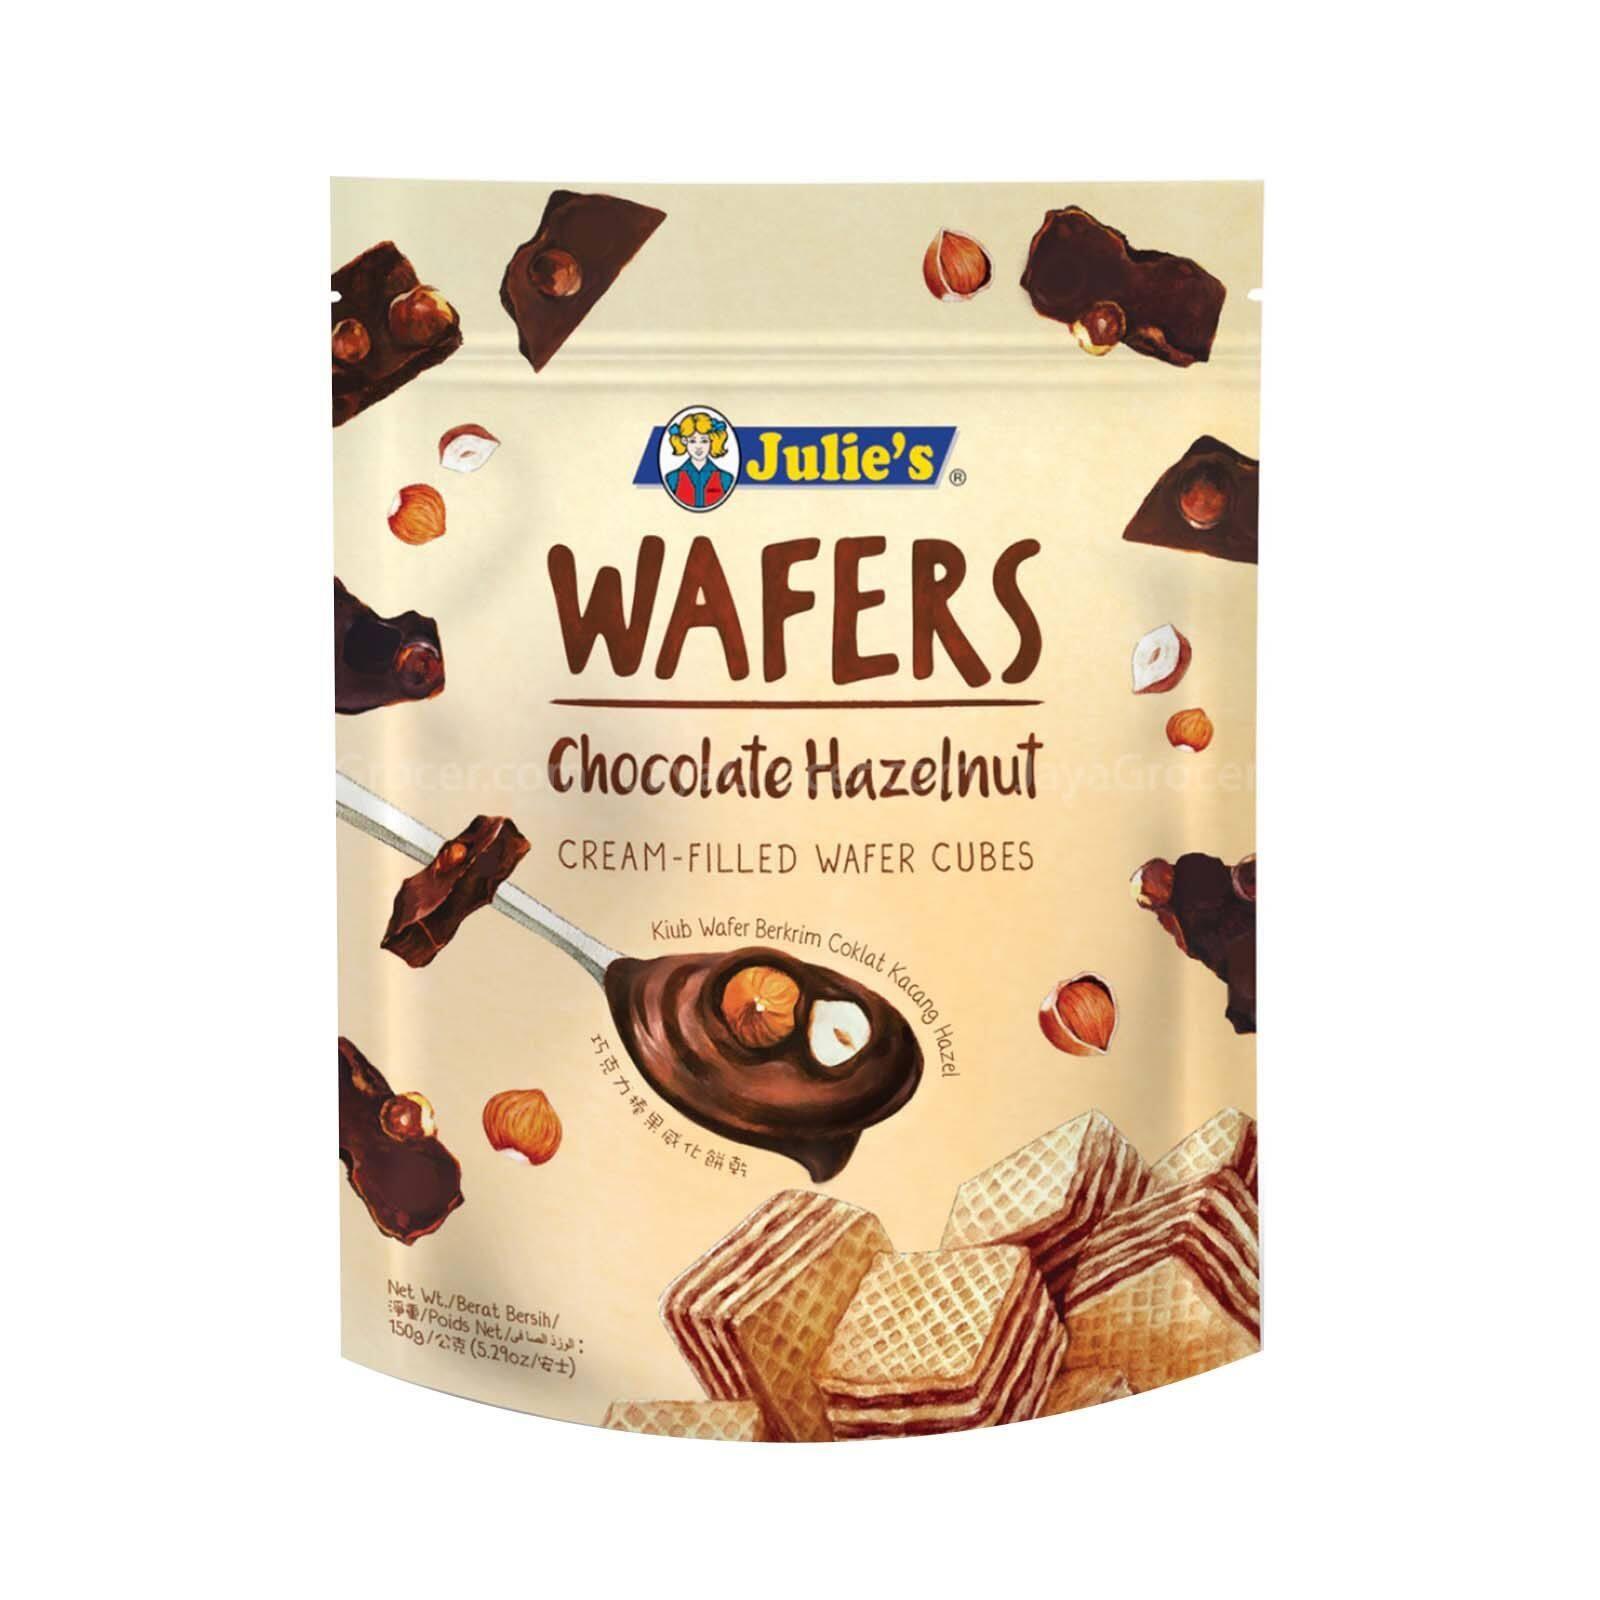 JULIE'S WAFERS CHOCOLATE HAZELNUT 150G